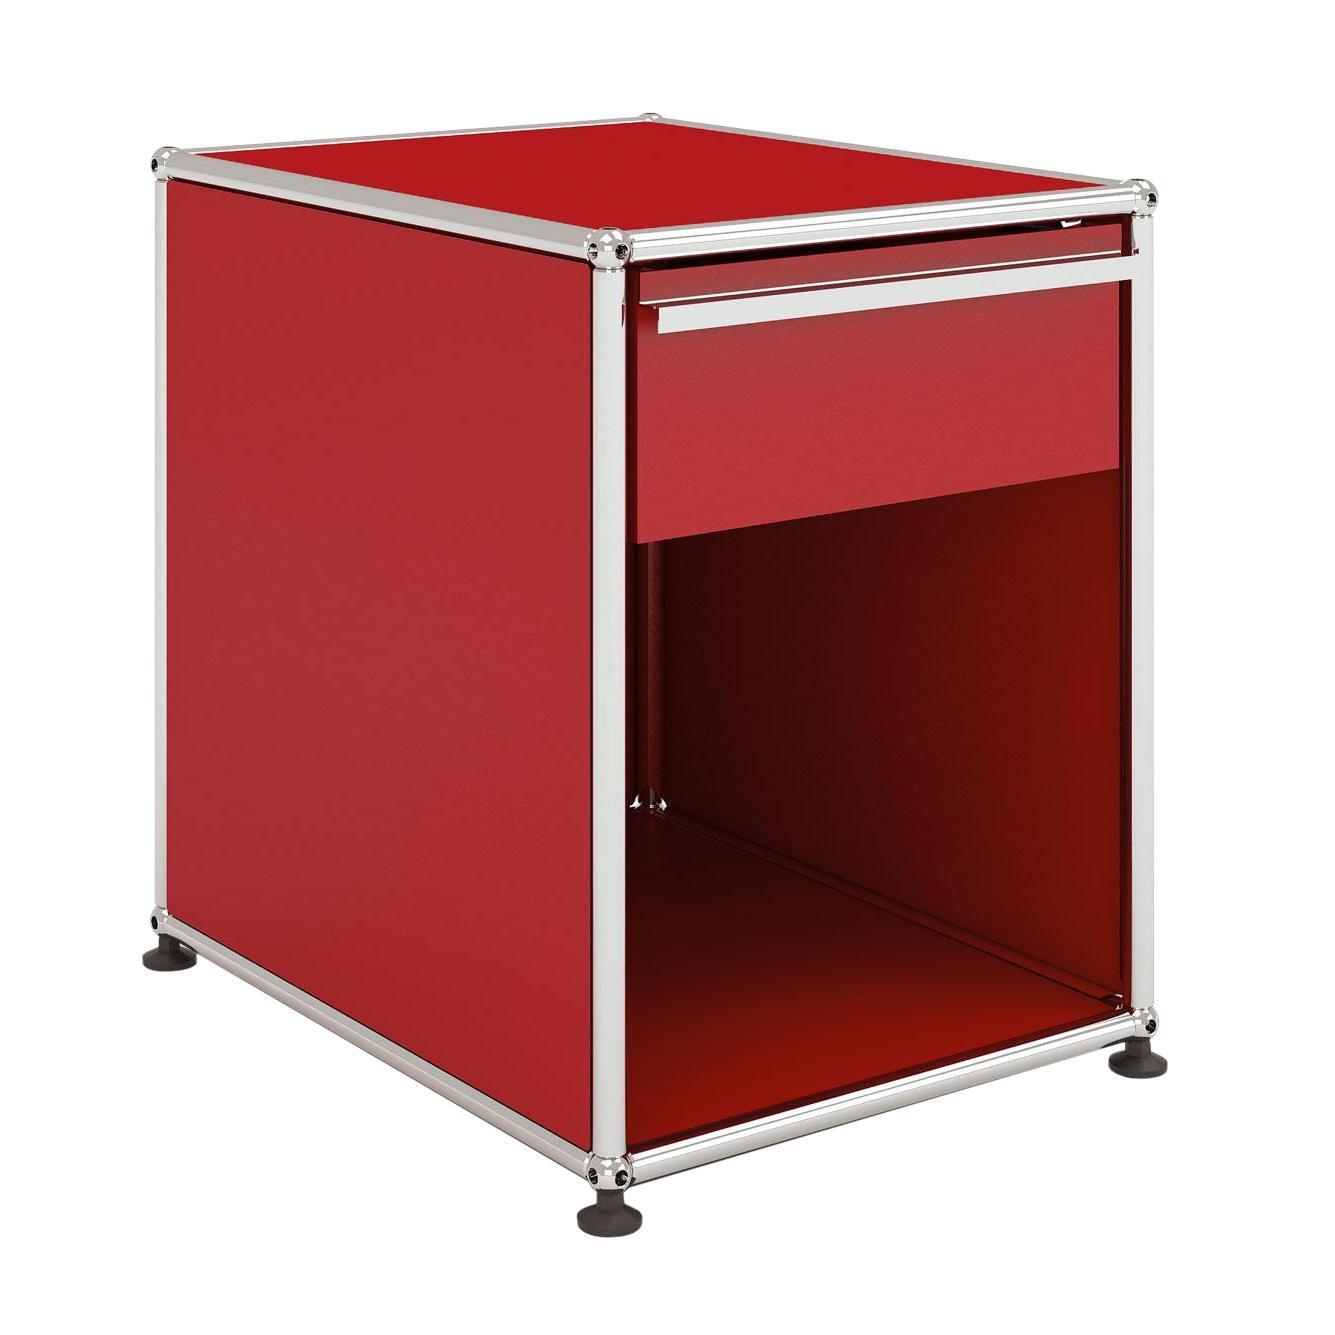 USM Haller Nachttisch mit Schublade - USM rubinrot/41.8 x 54 x 52.3 cm/1 offenes Fach | Schlafzimmer > Nachttische | Usm rubinrot | Metall | USM